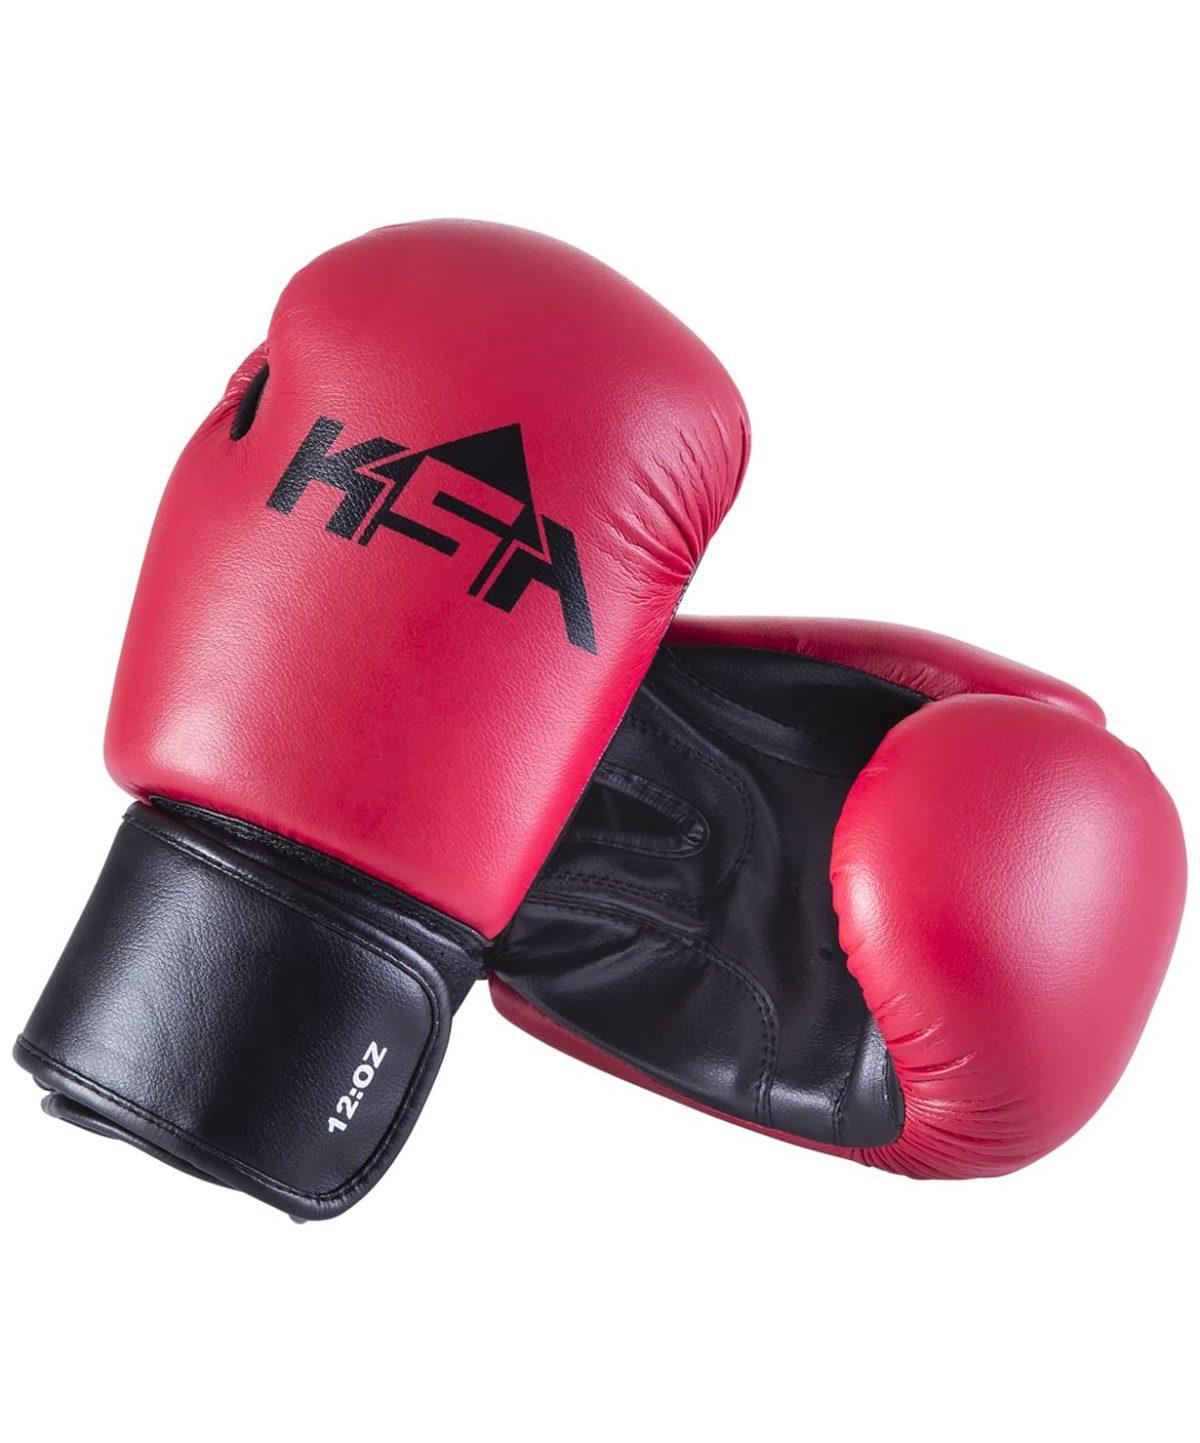 KSA Spider Red Перчатки боксерские, 8 oz, к/з 17811: красный - 1